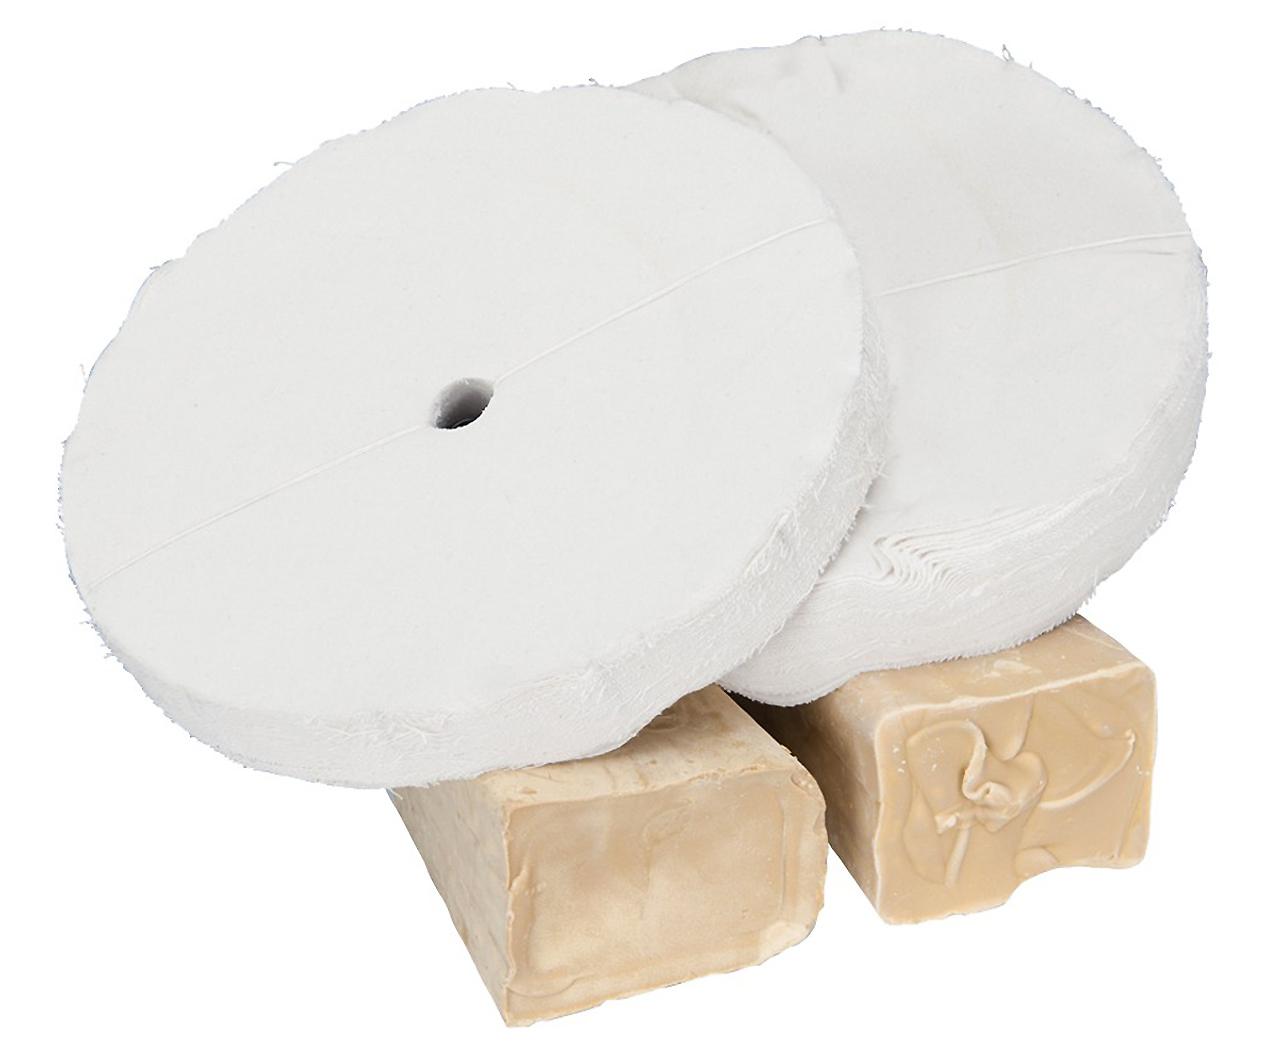 Zestaw polerski do drewna Ø 350 x 25 mm, Ø 16 mm, 4-szt. BERNARDO